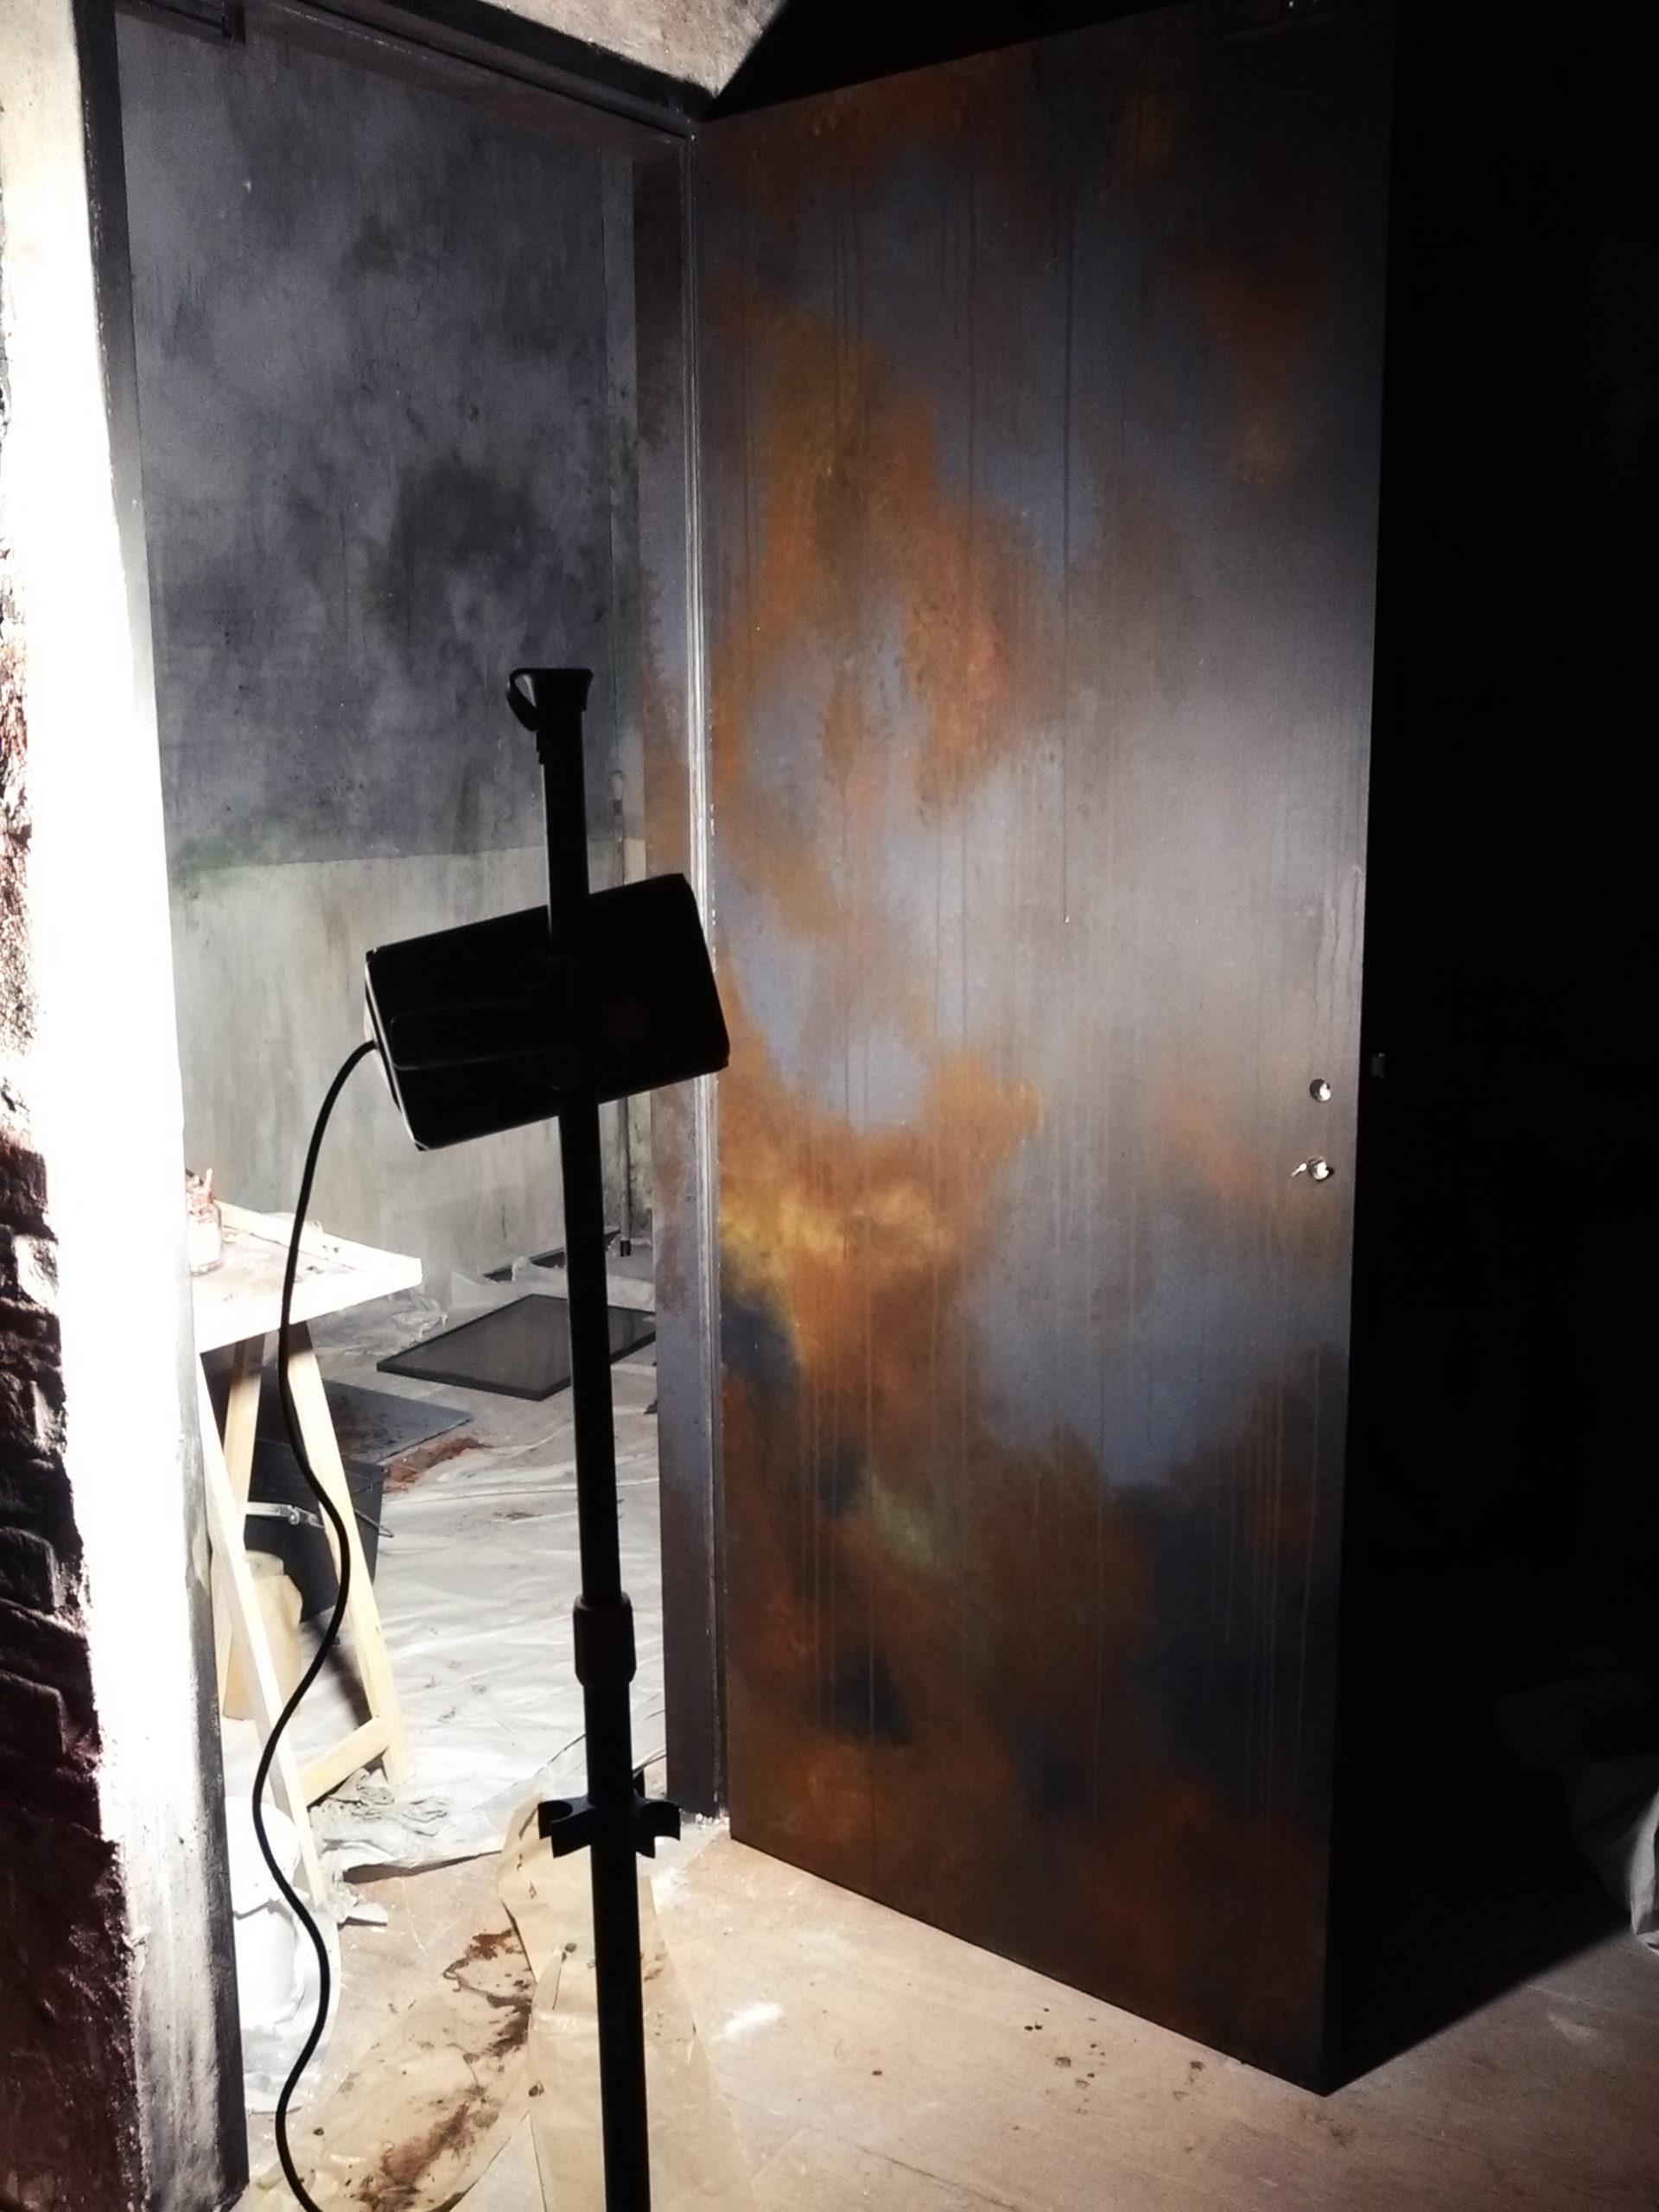 Décors escape game pour donner l'illusion d'une cave effrayante. Peinture, vieillissement, effets érosion, salissure, rouille, Assilem décors, peintre en décor Bordeaux, décoration intérieure, peinture décorative